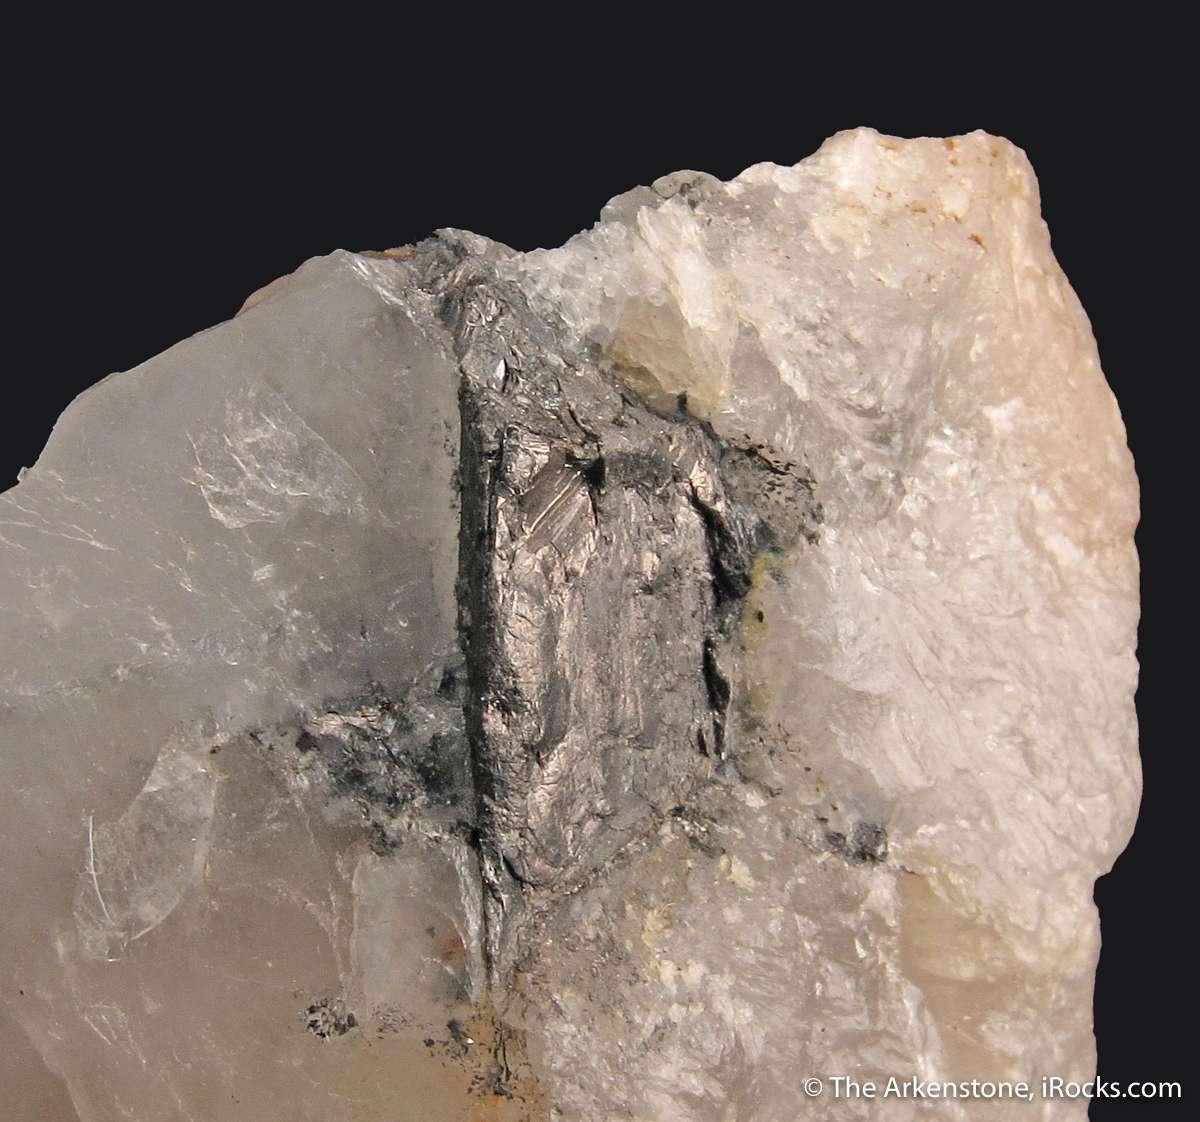 Tetradymite uncommon bismuth tellurium sulfosalt exceptional specimen